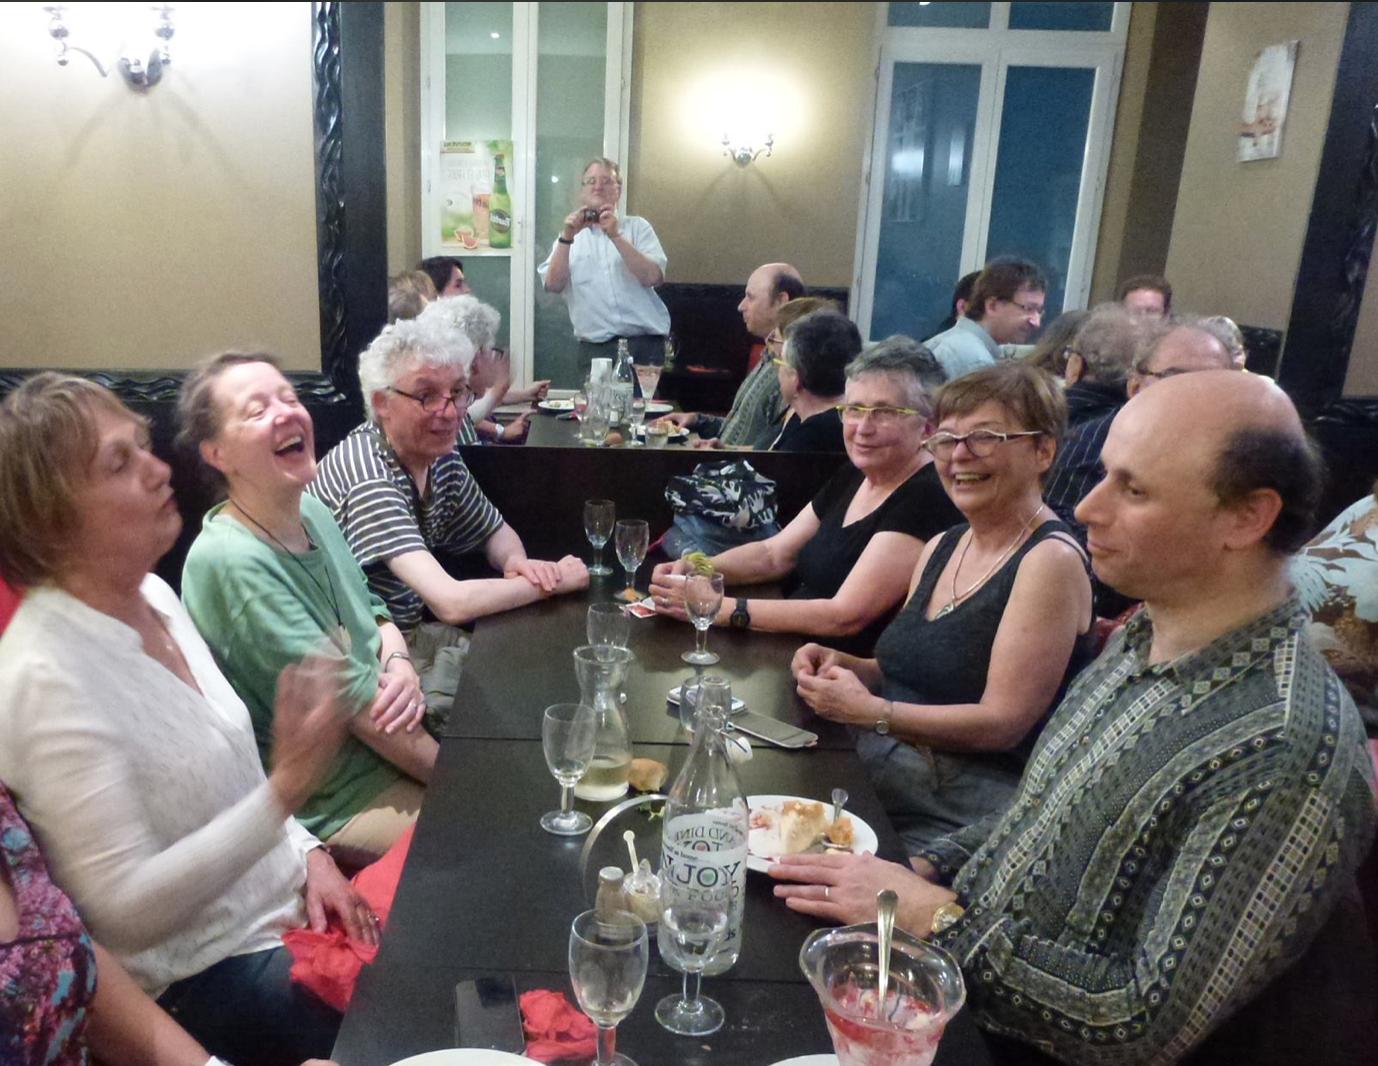 rires entre amis de l'Oulipo, 18 juin 2015